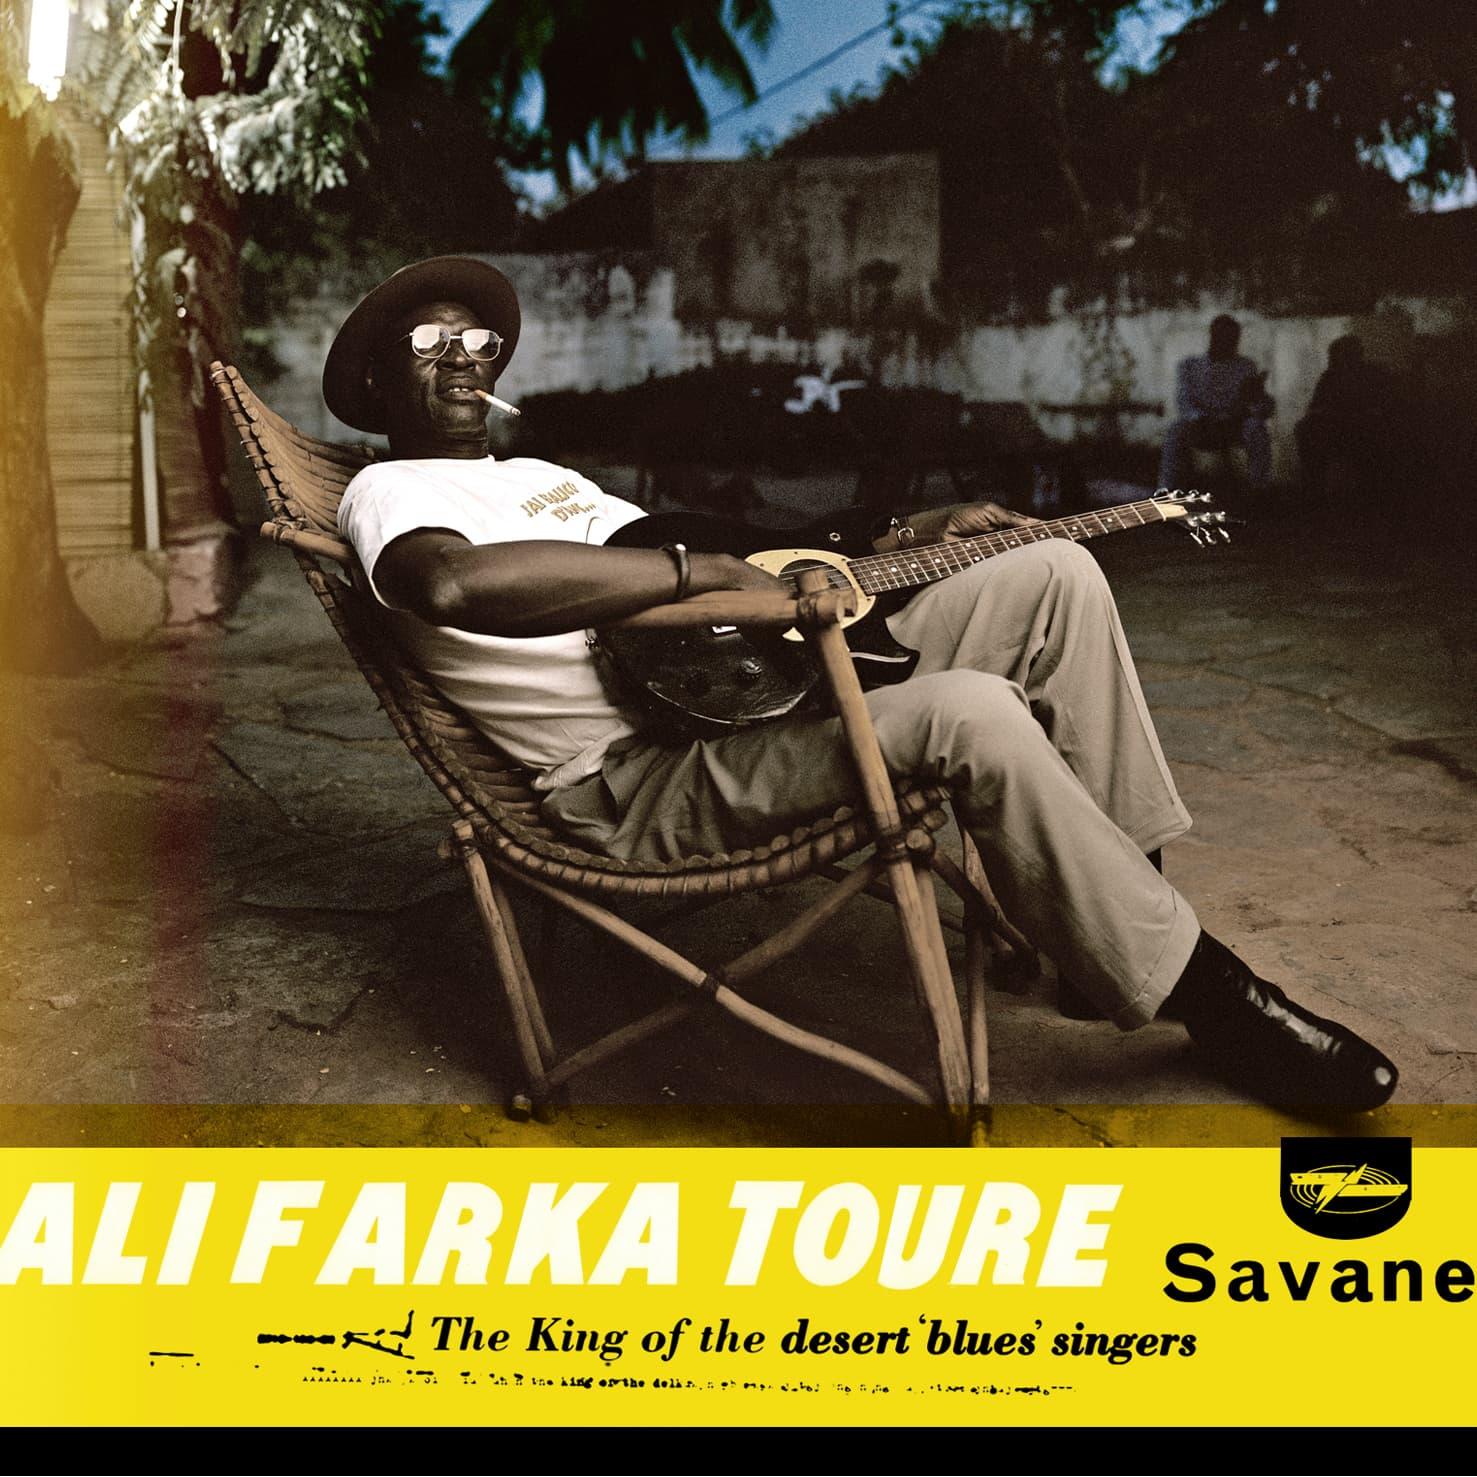 Buy Online Ali Farka Touré - Savane LP